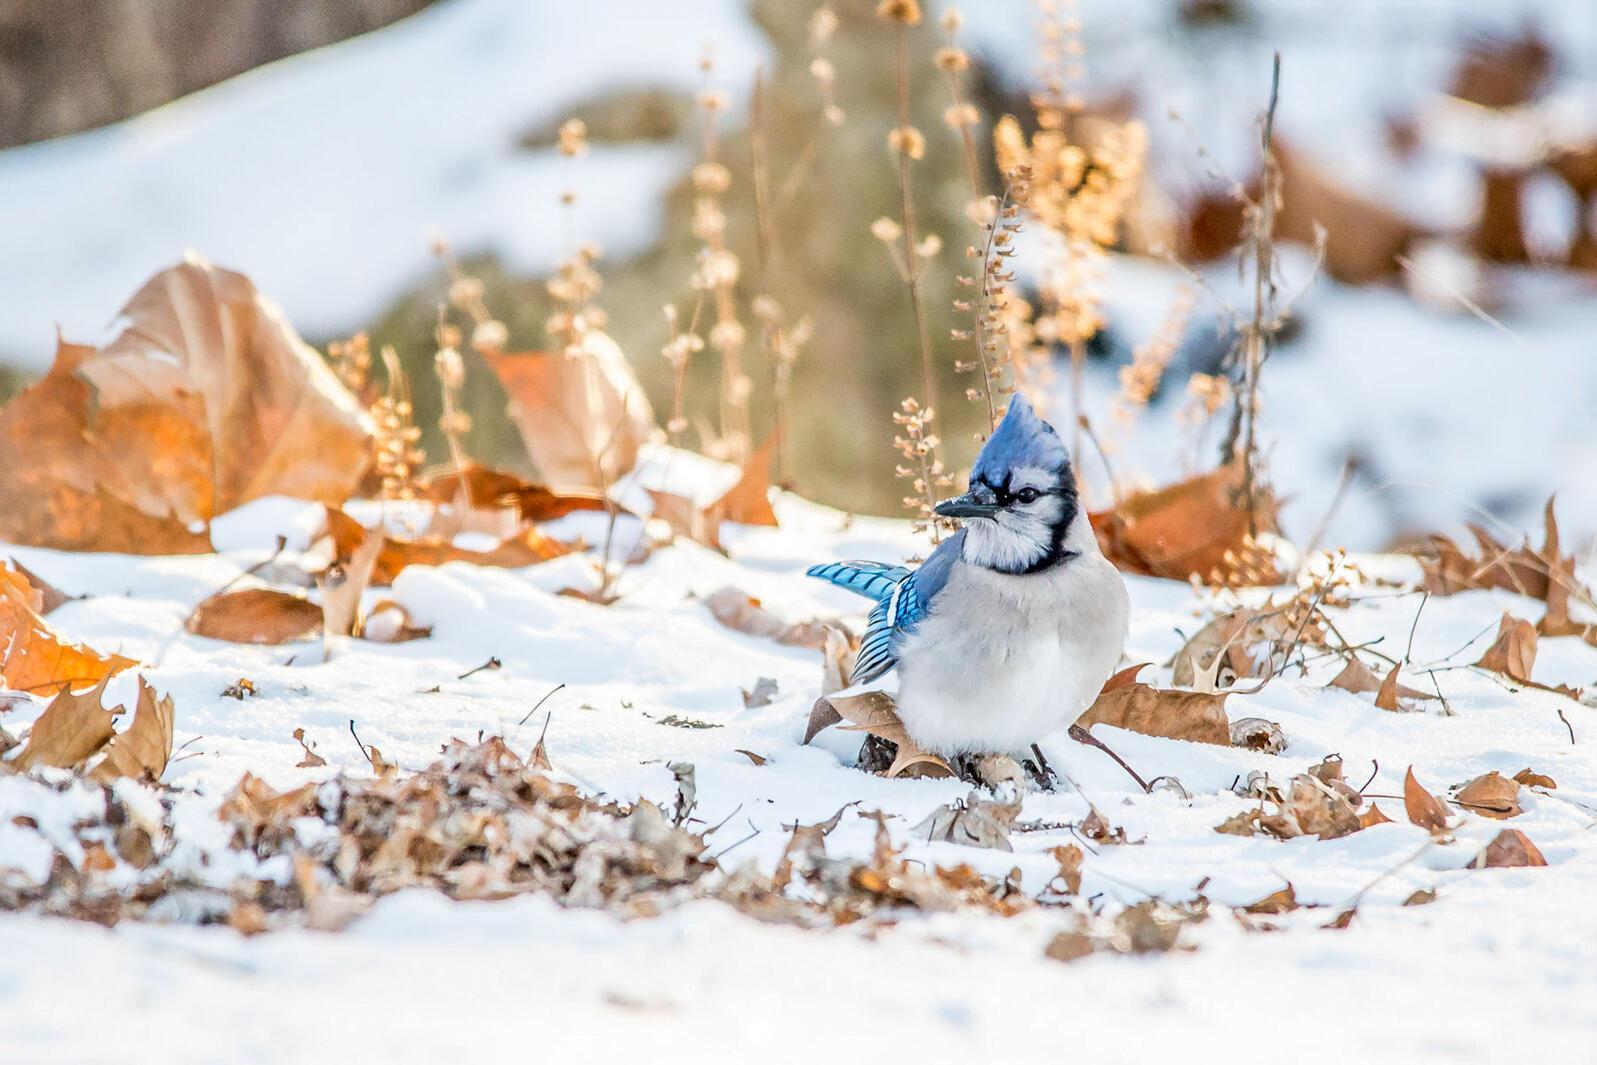 """Los arrendajos azules y otras aves encuentran más alimento invernal en jardines """"desprolijos""""."""